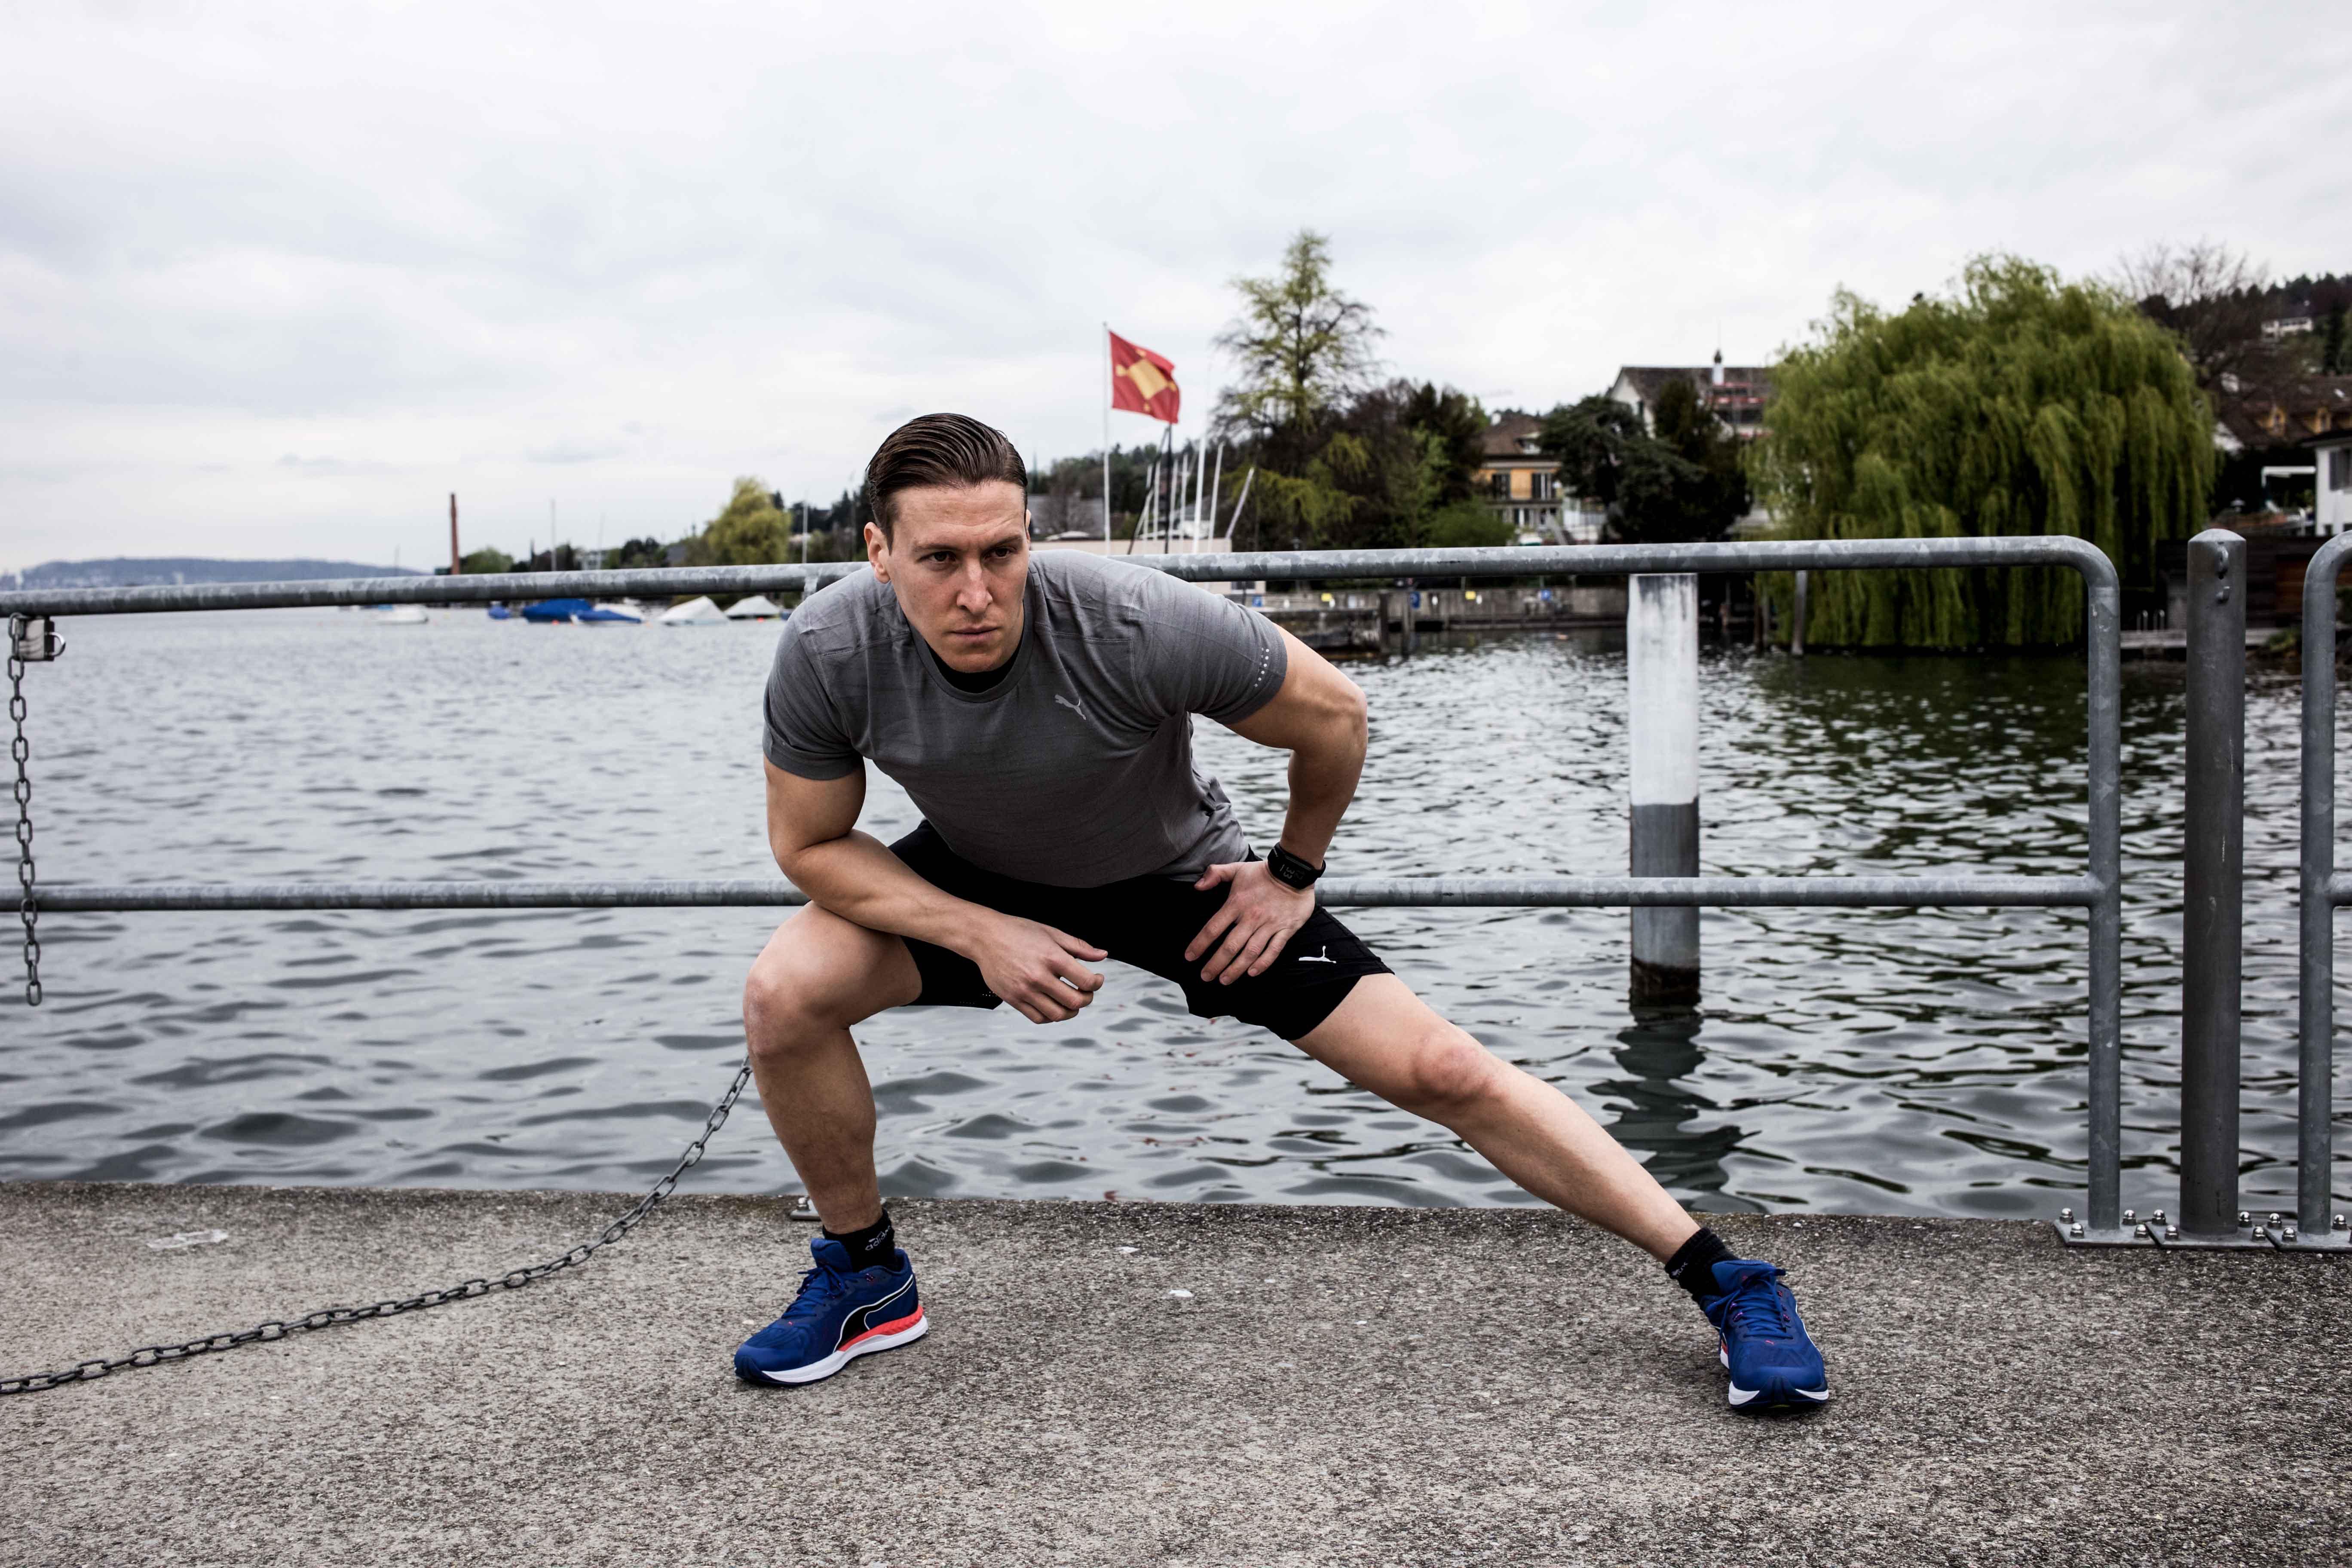 sport-running-laufen-gym-tipps-puma-training_7350